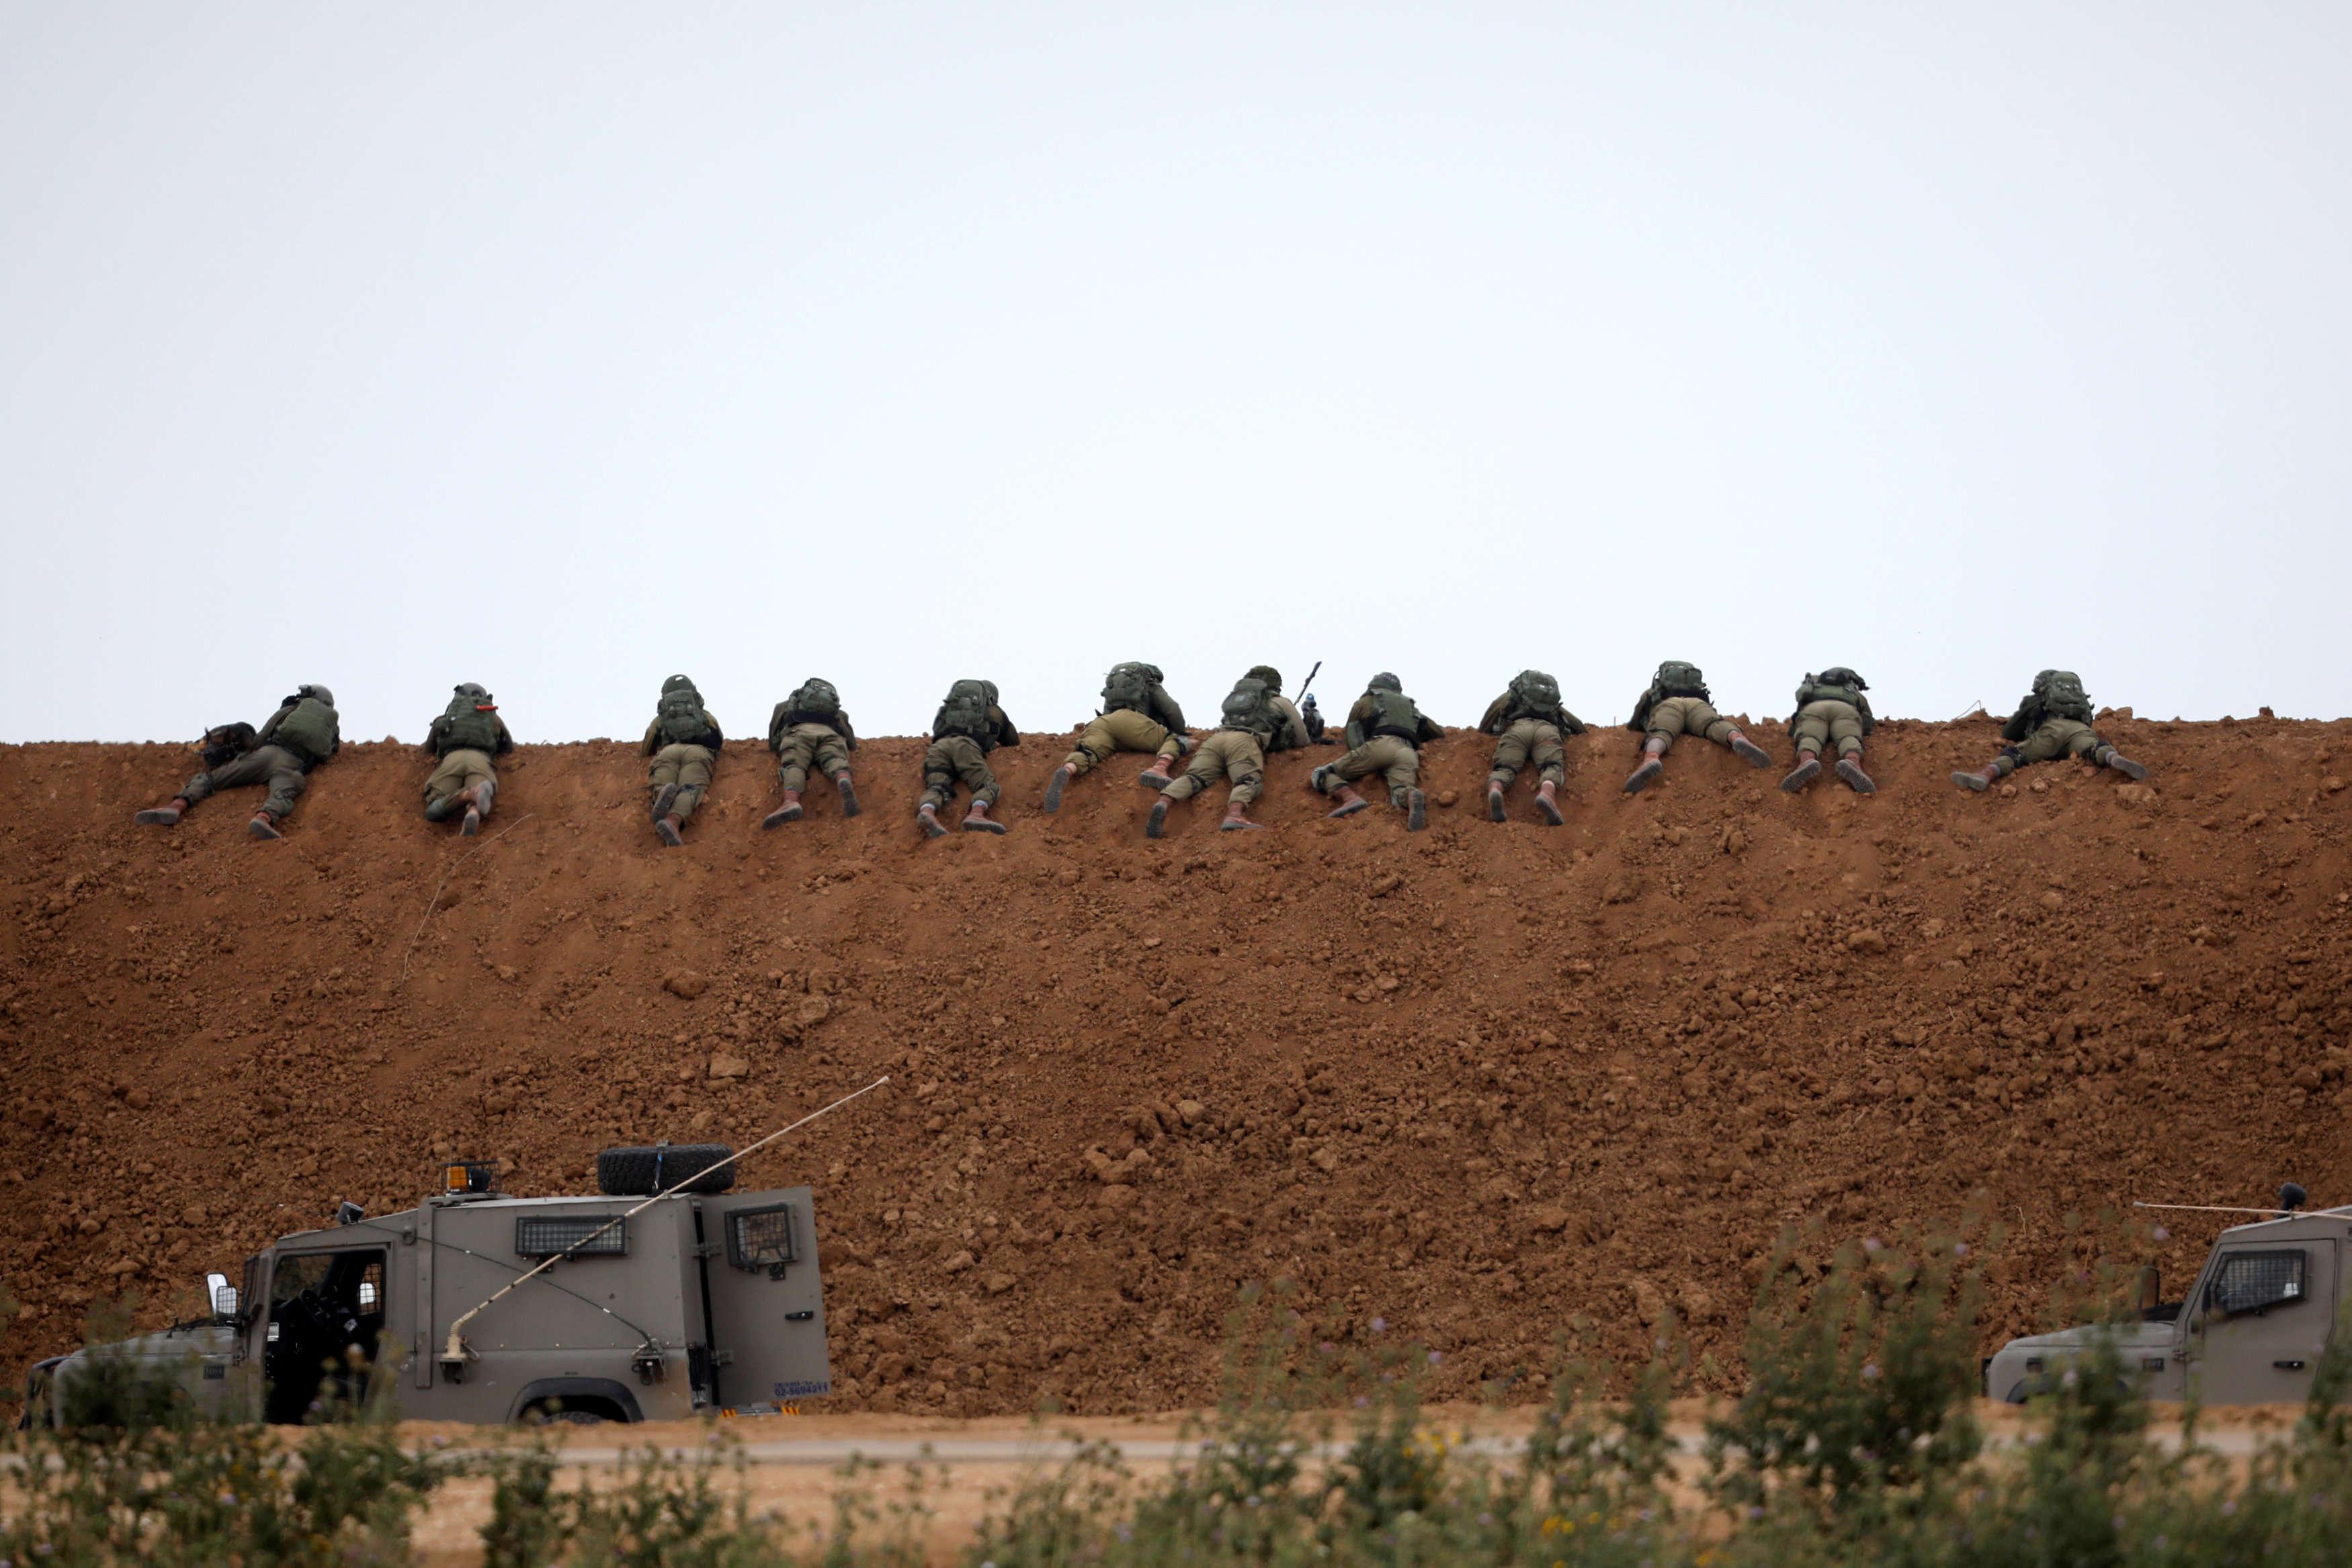 L'armée israélienne a tiré à balles réelles sur ceux qui s'approchaient trop près de la frontière, vendredi 30 mars. Israël s'en est justifié en disant que des manifestants avaient lancé des pierres et des cocktails Molotov sur les soldats.